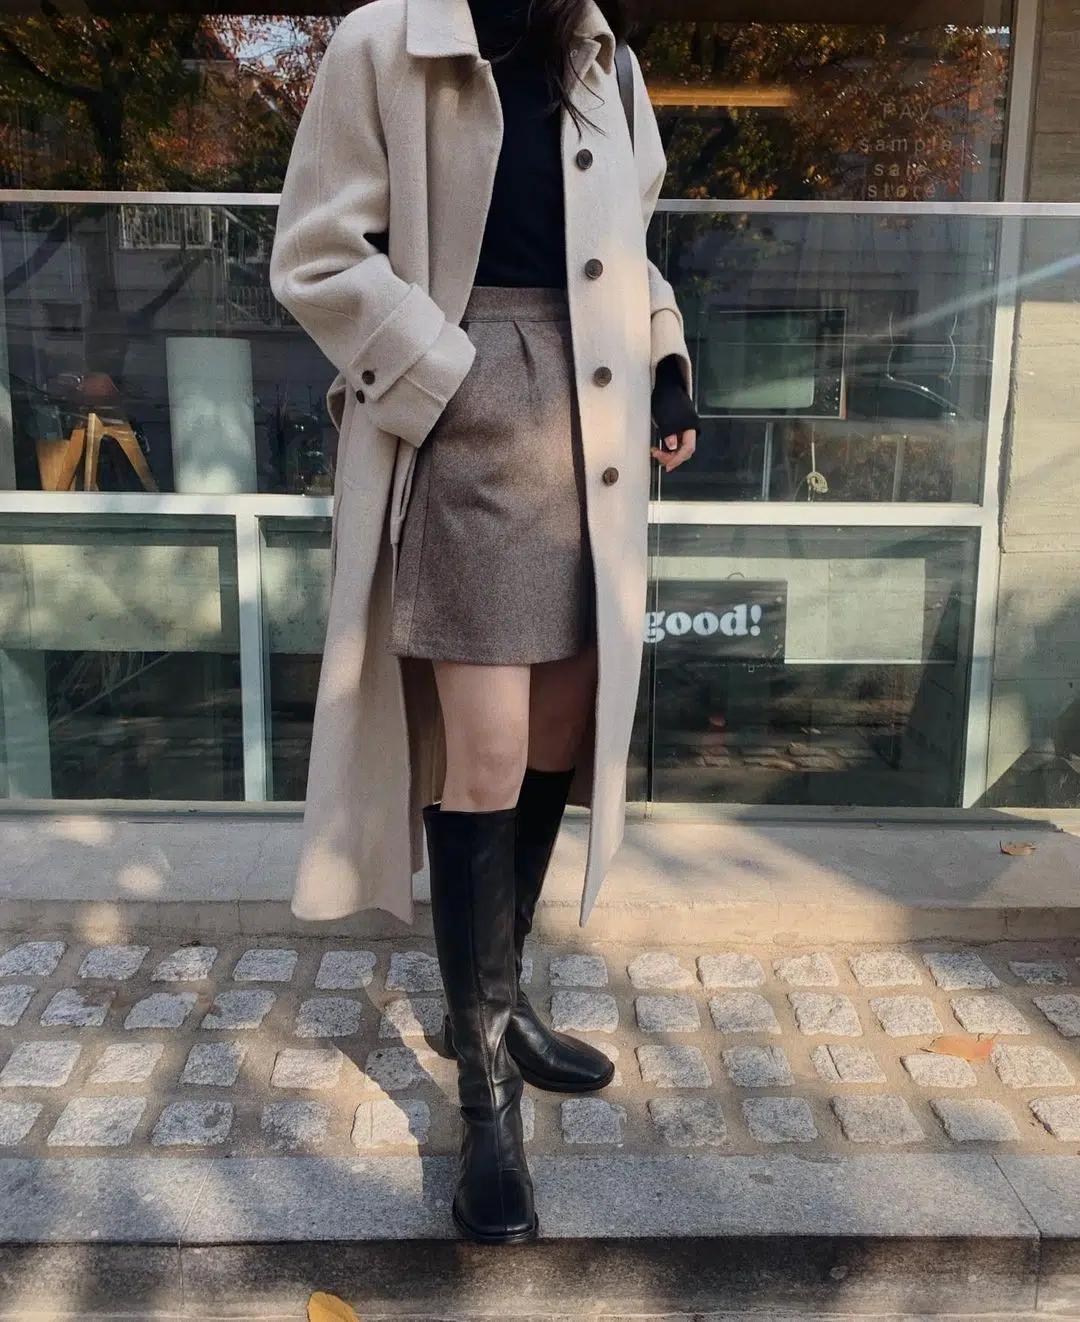 Mix & Phối - Hội mặc đẹp đưa ra loạt dẫn chứng cực xịn về lý do chọn 3 kiểu giày này khi mặc áo khoác dáng dài - chanvaydep.net 15